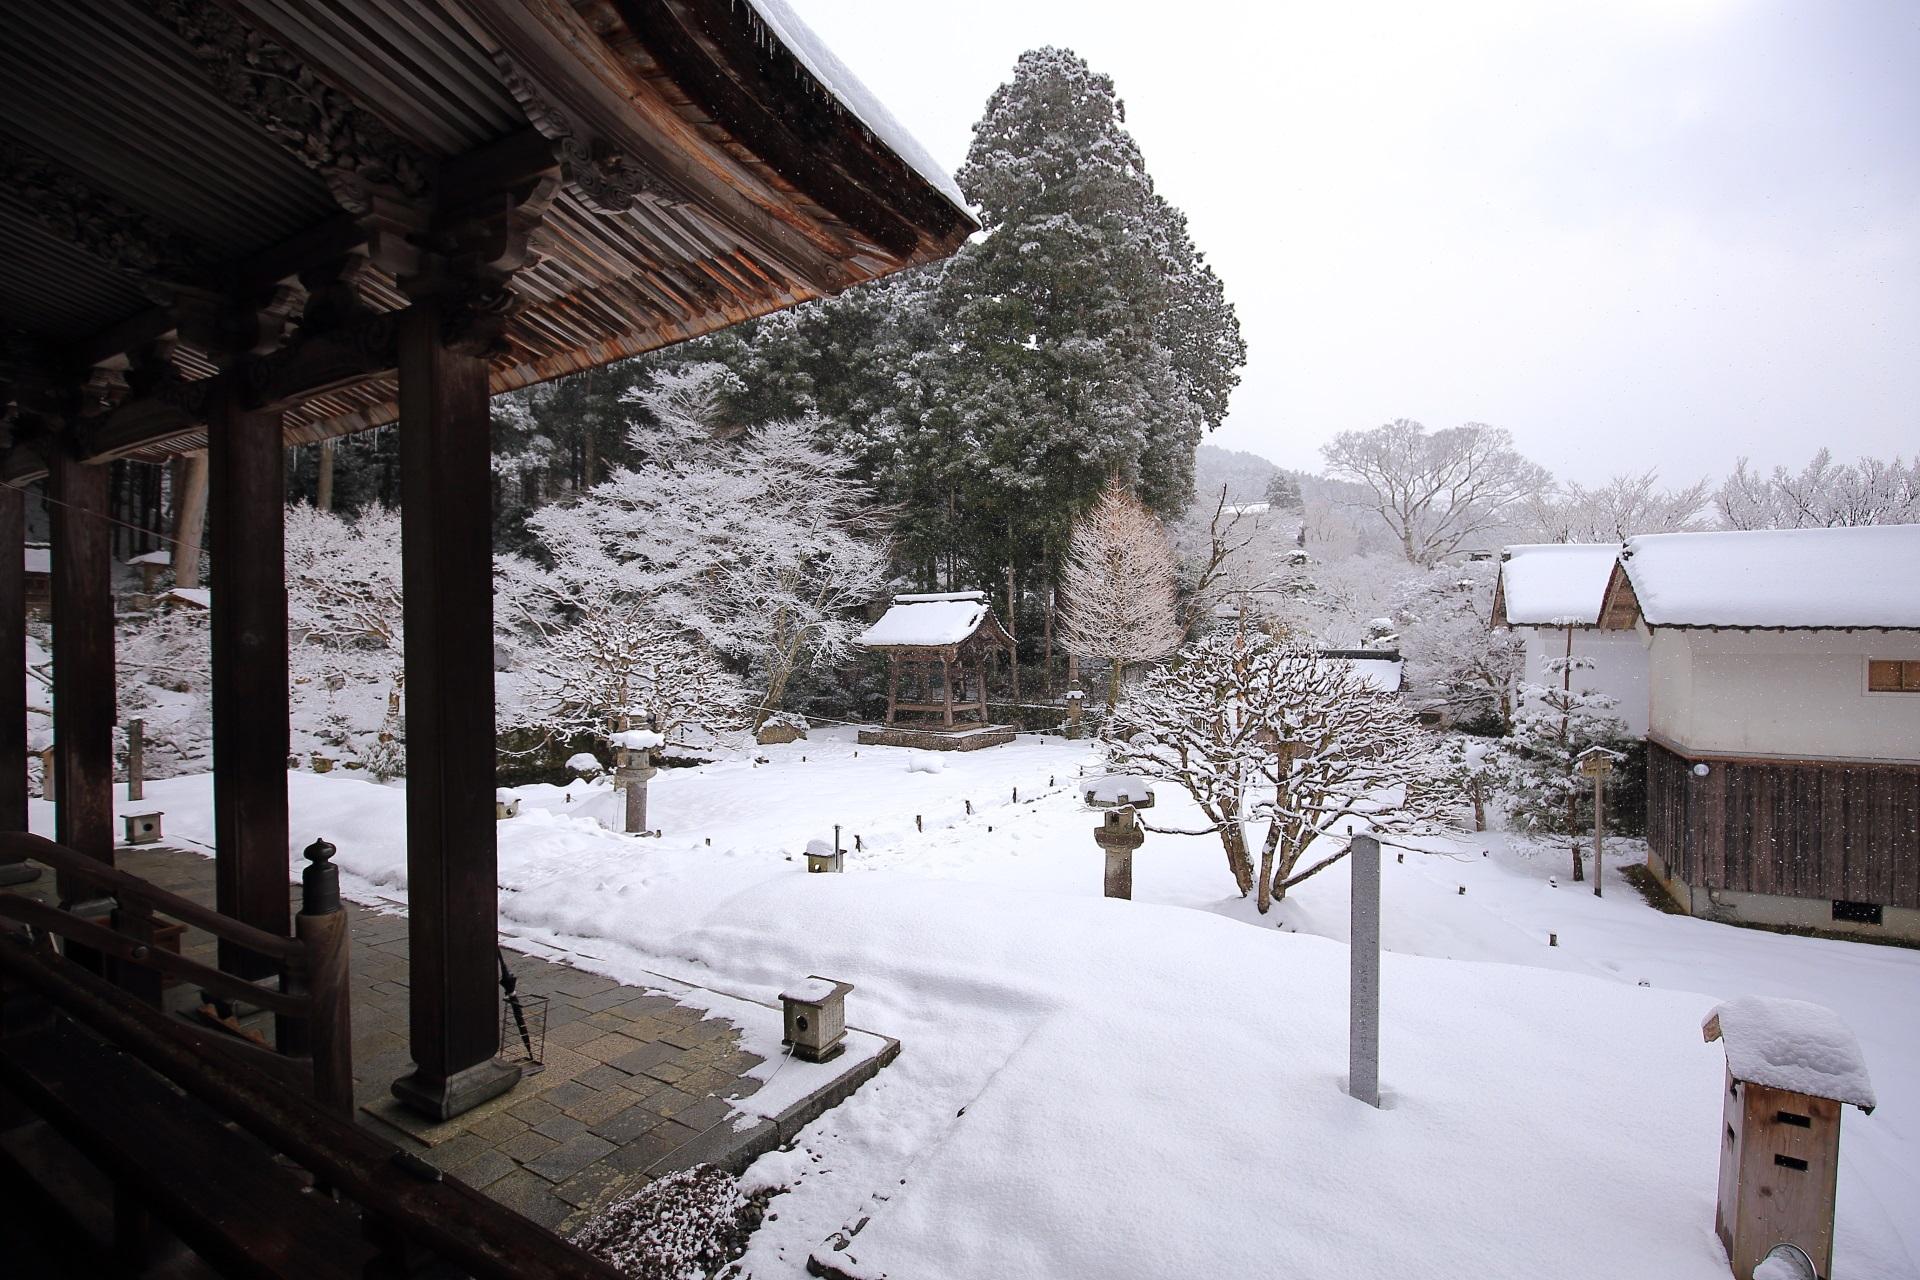 本堂の上から眺めた雪景色の勝林院